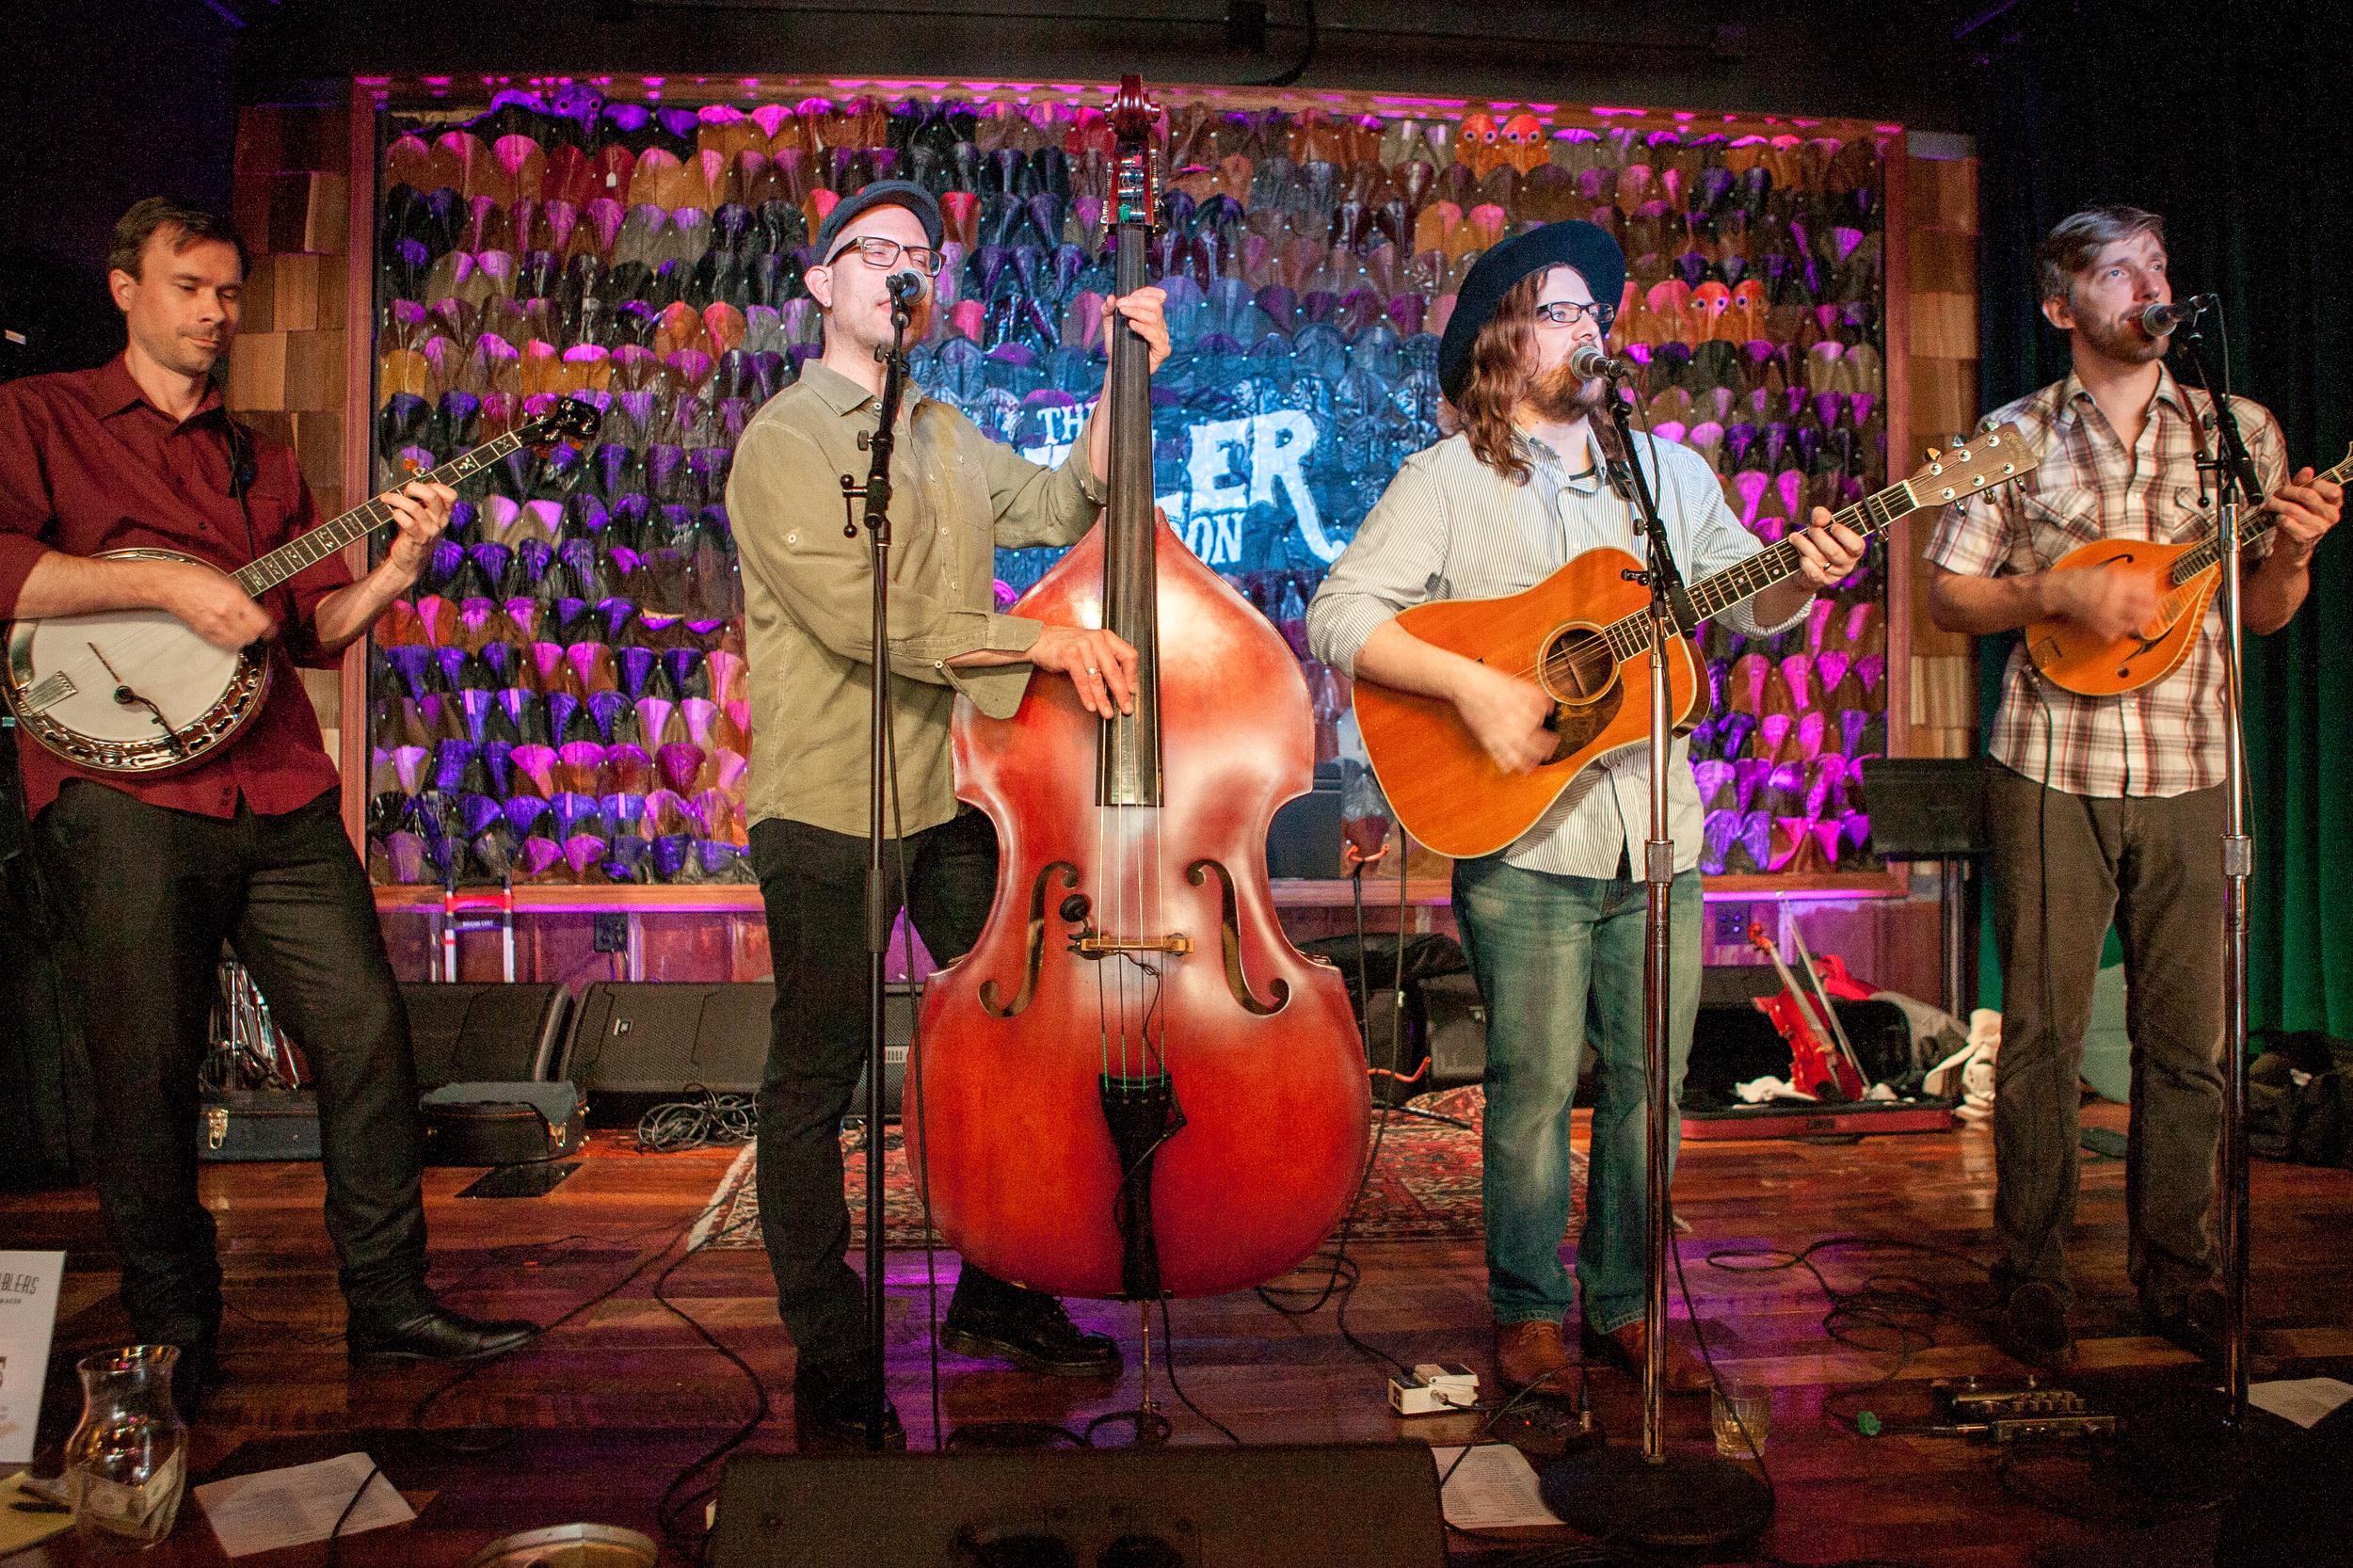 Charles Butler (Banjo), Dean Marold (Upright Bass), Adam Dalton (Guitar & John Beck (Mandolin) performing at The Sutler in Nashville, TN.